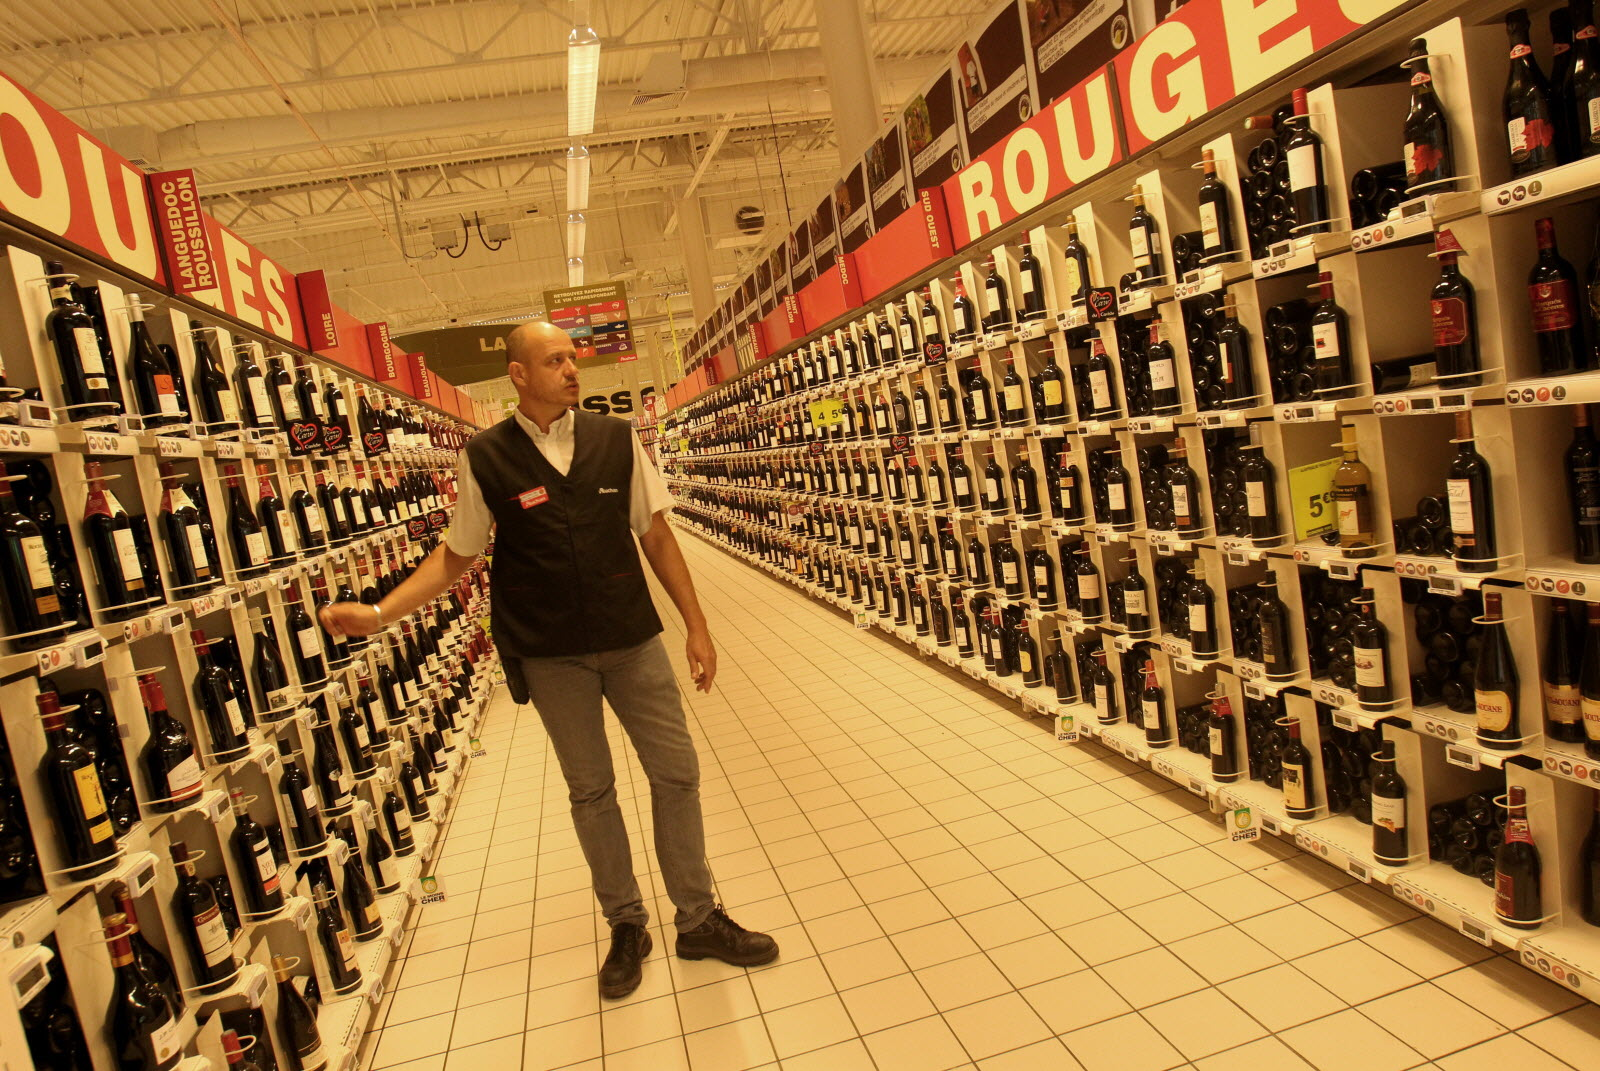 foires aux vins dans les grandes surfaces